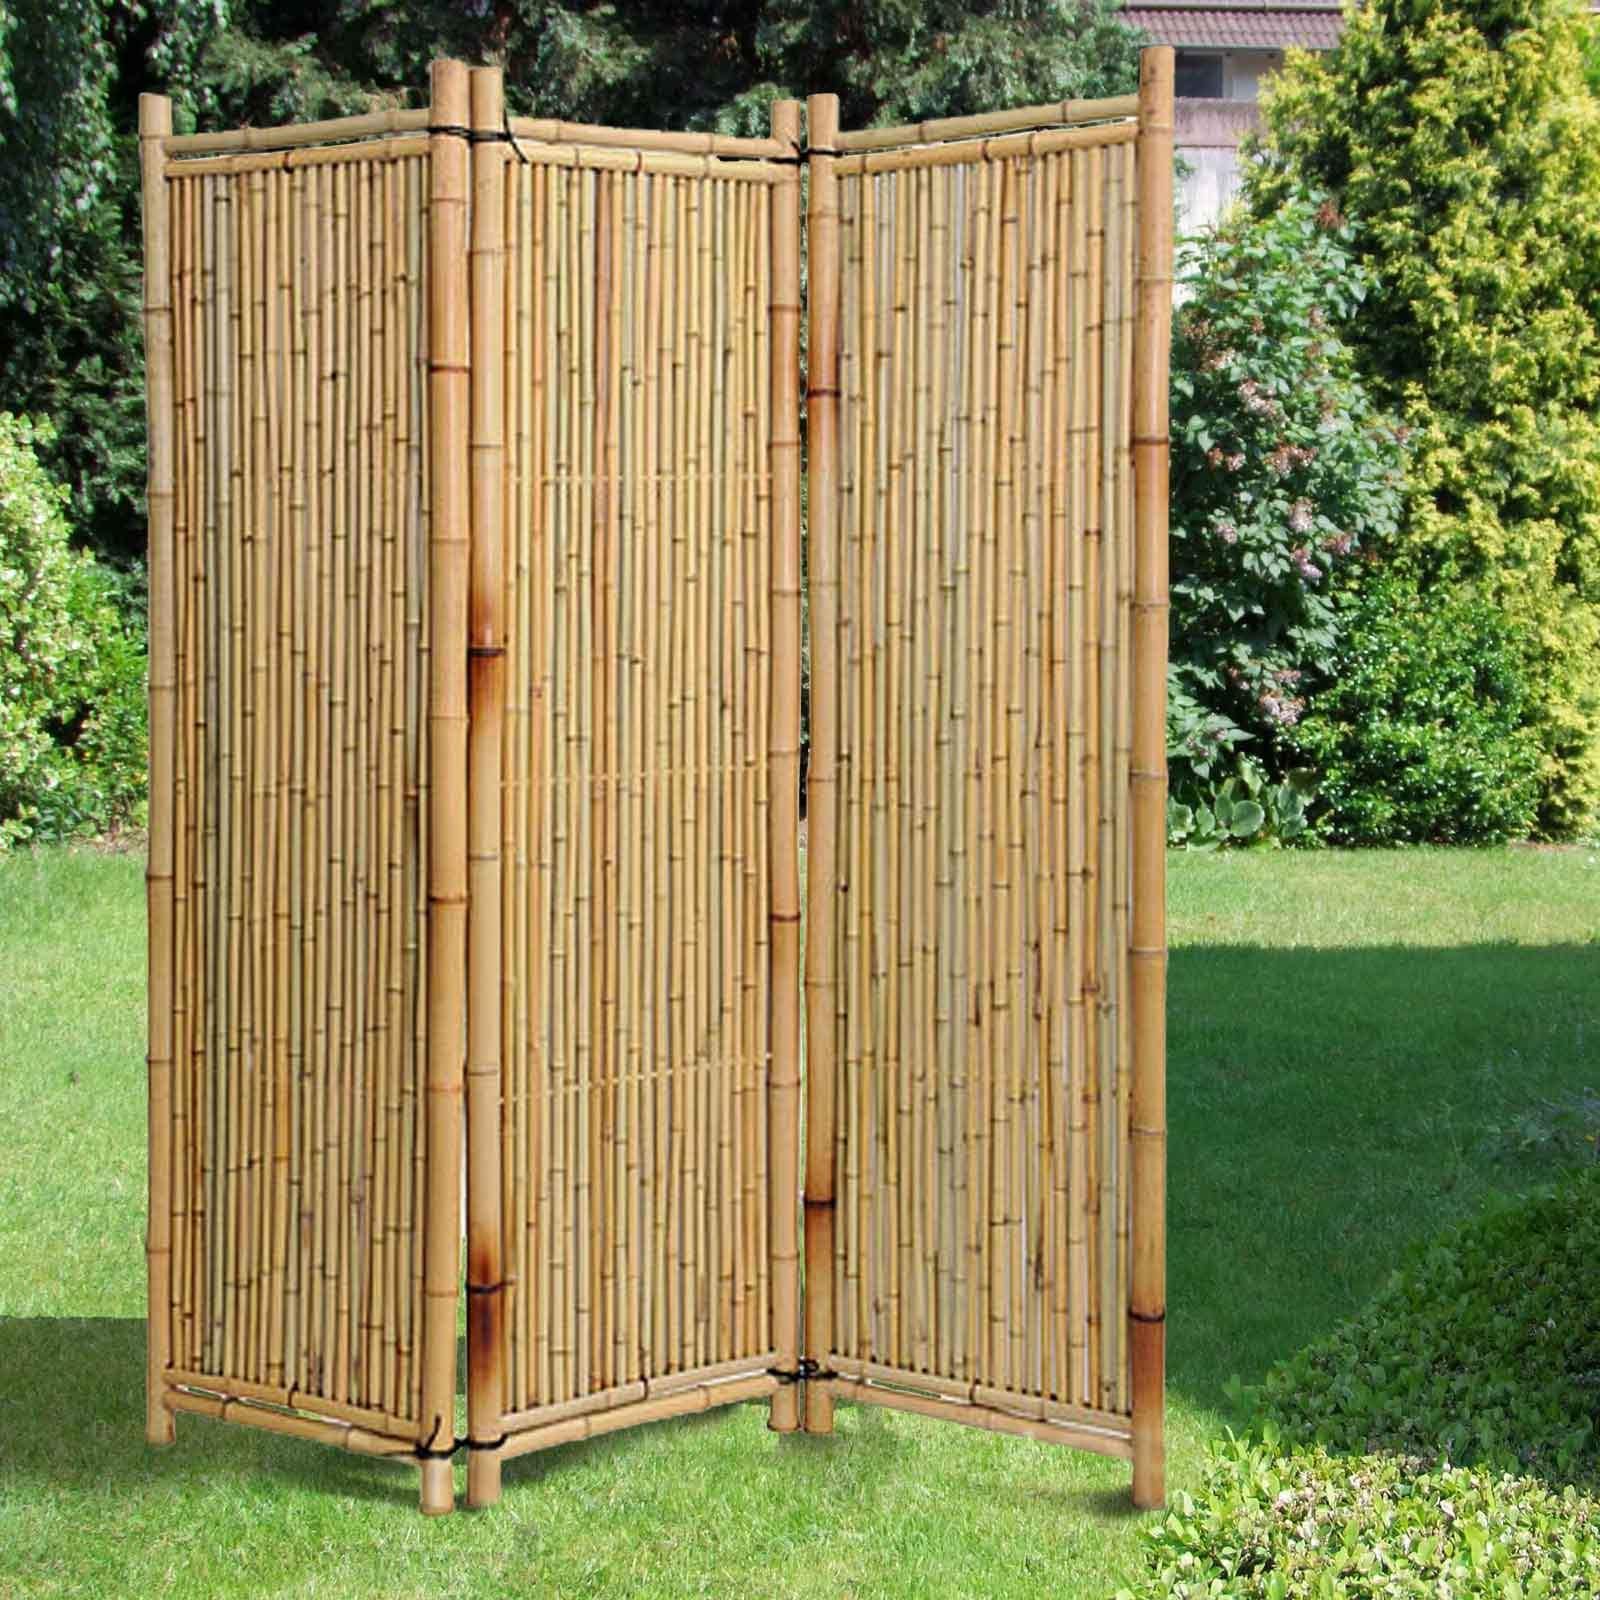 Paravent Garten Schön Bambusparavent Deluxe Natur Noor